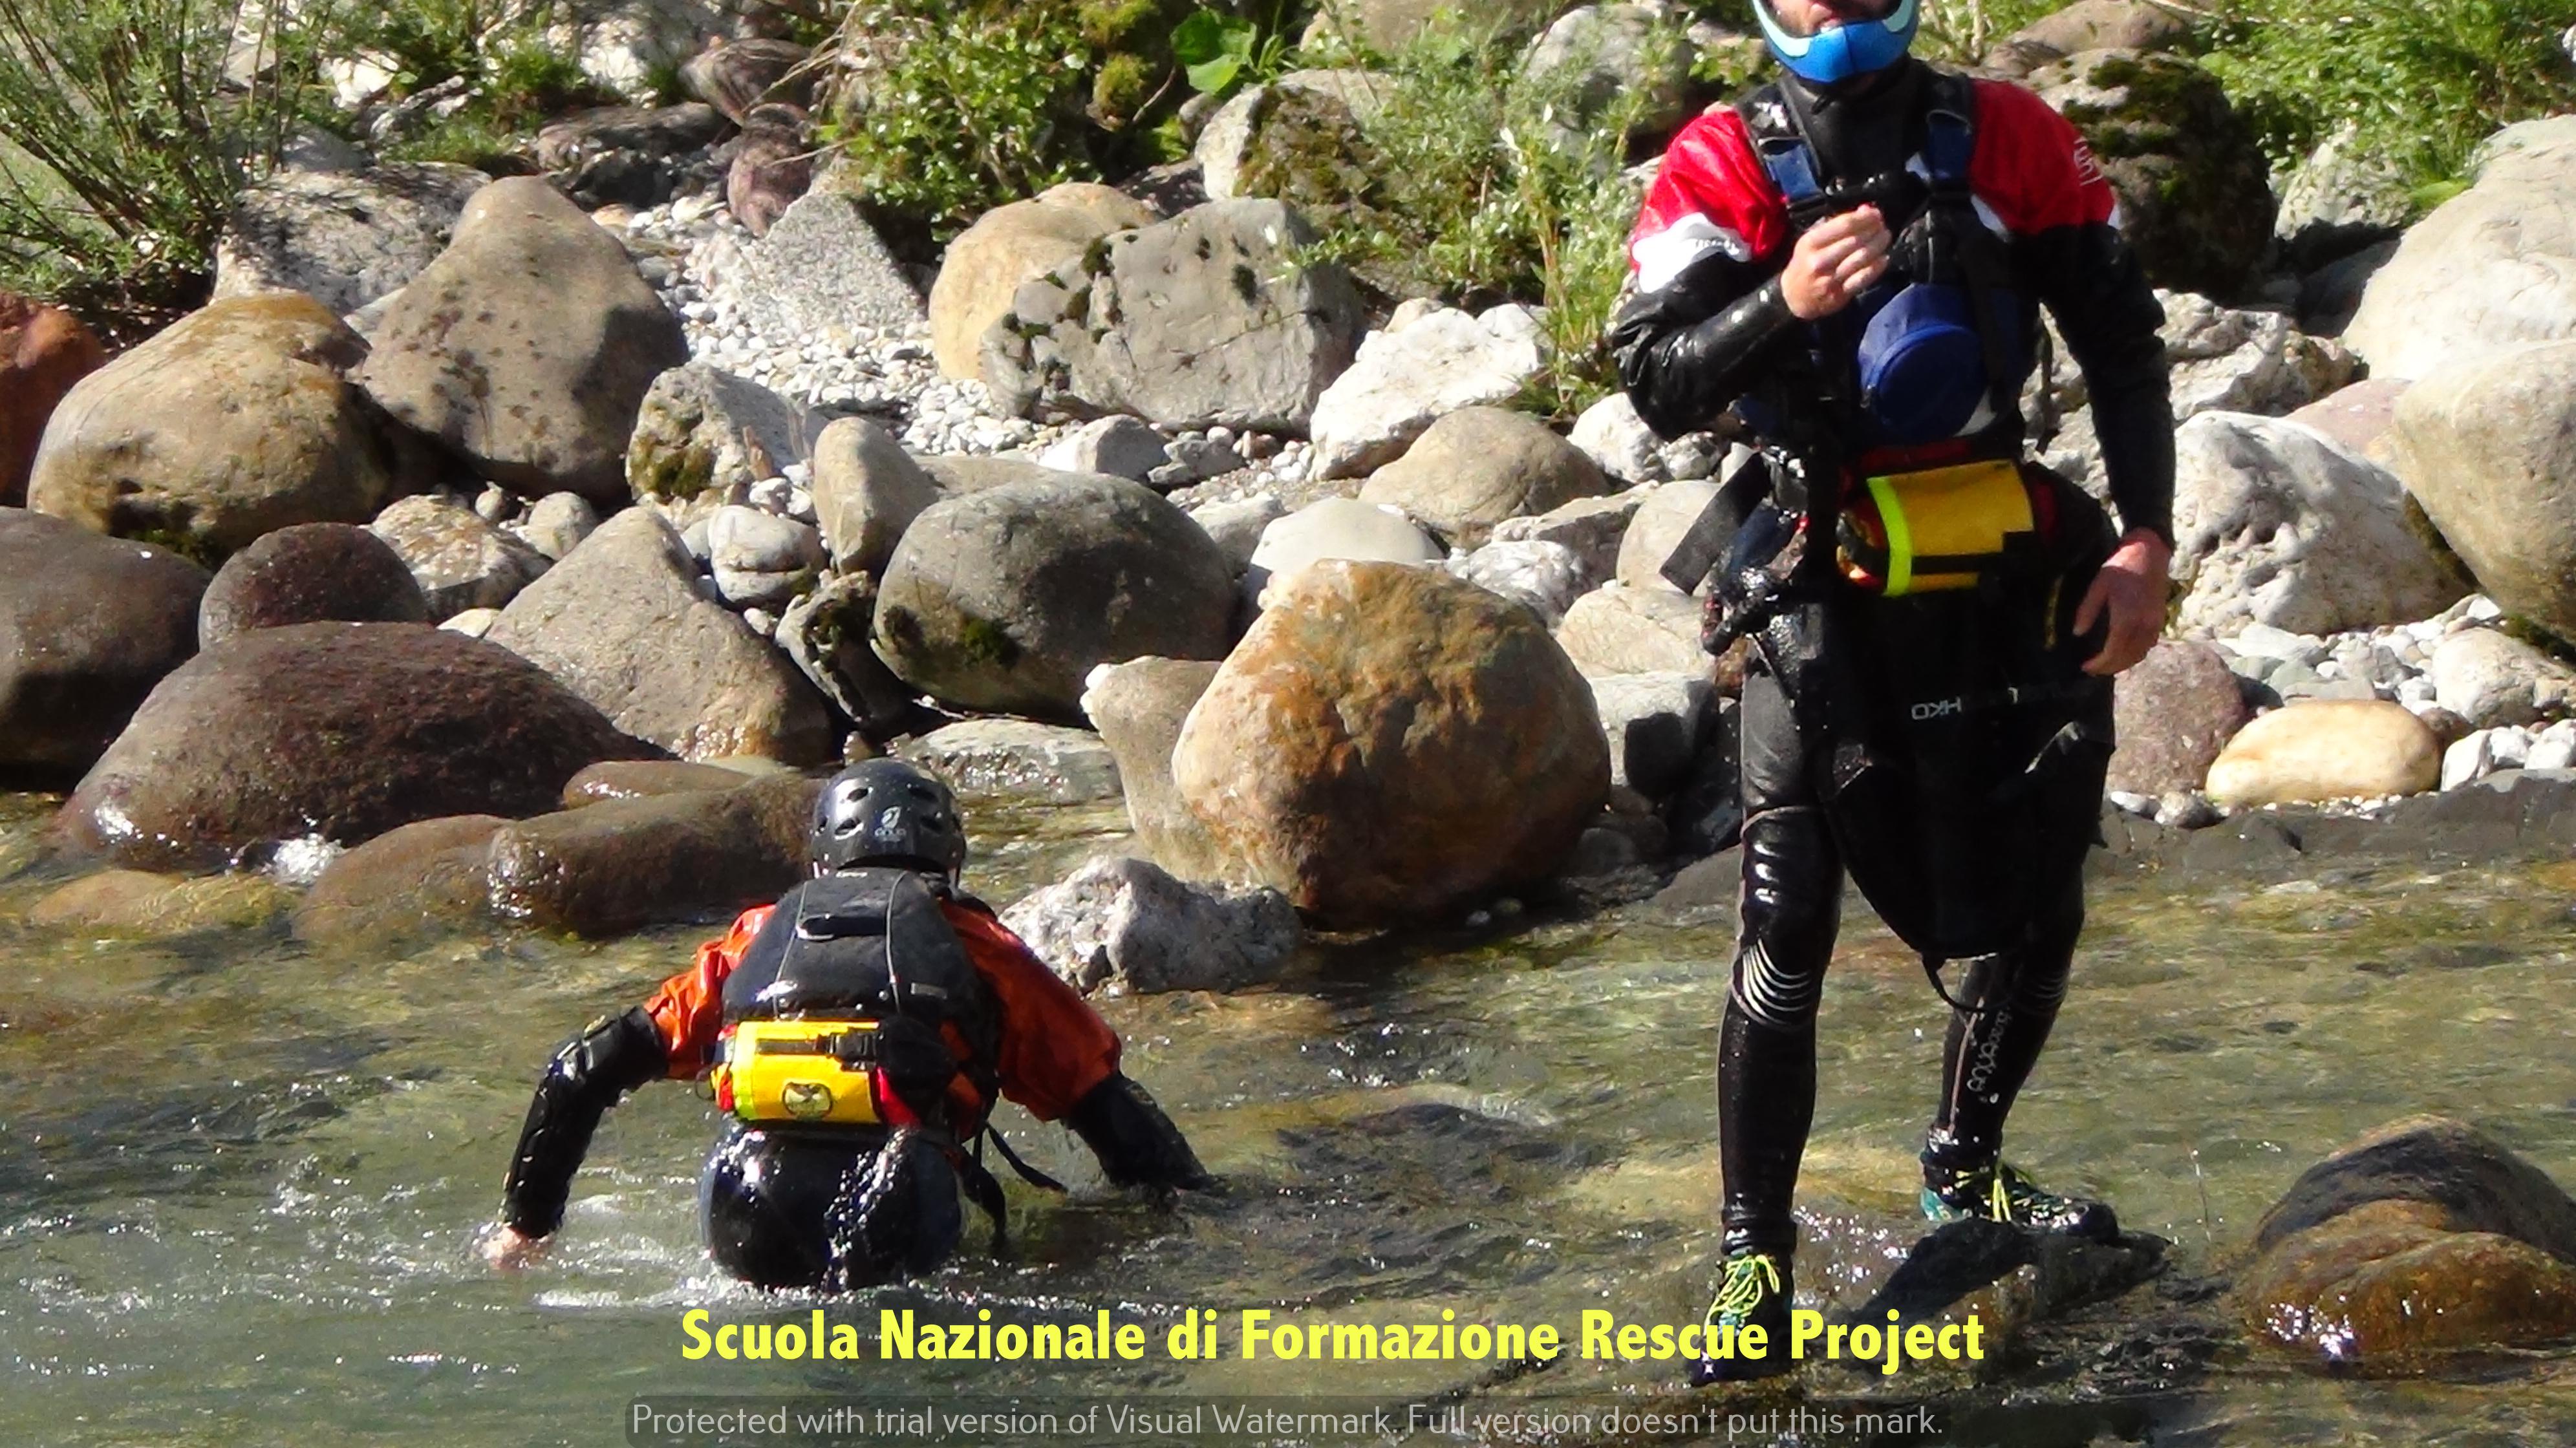 Scuola Nazionale di Formazione  Rescue Project13